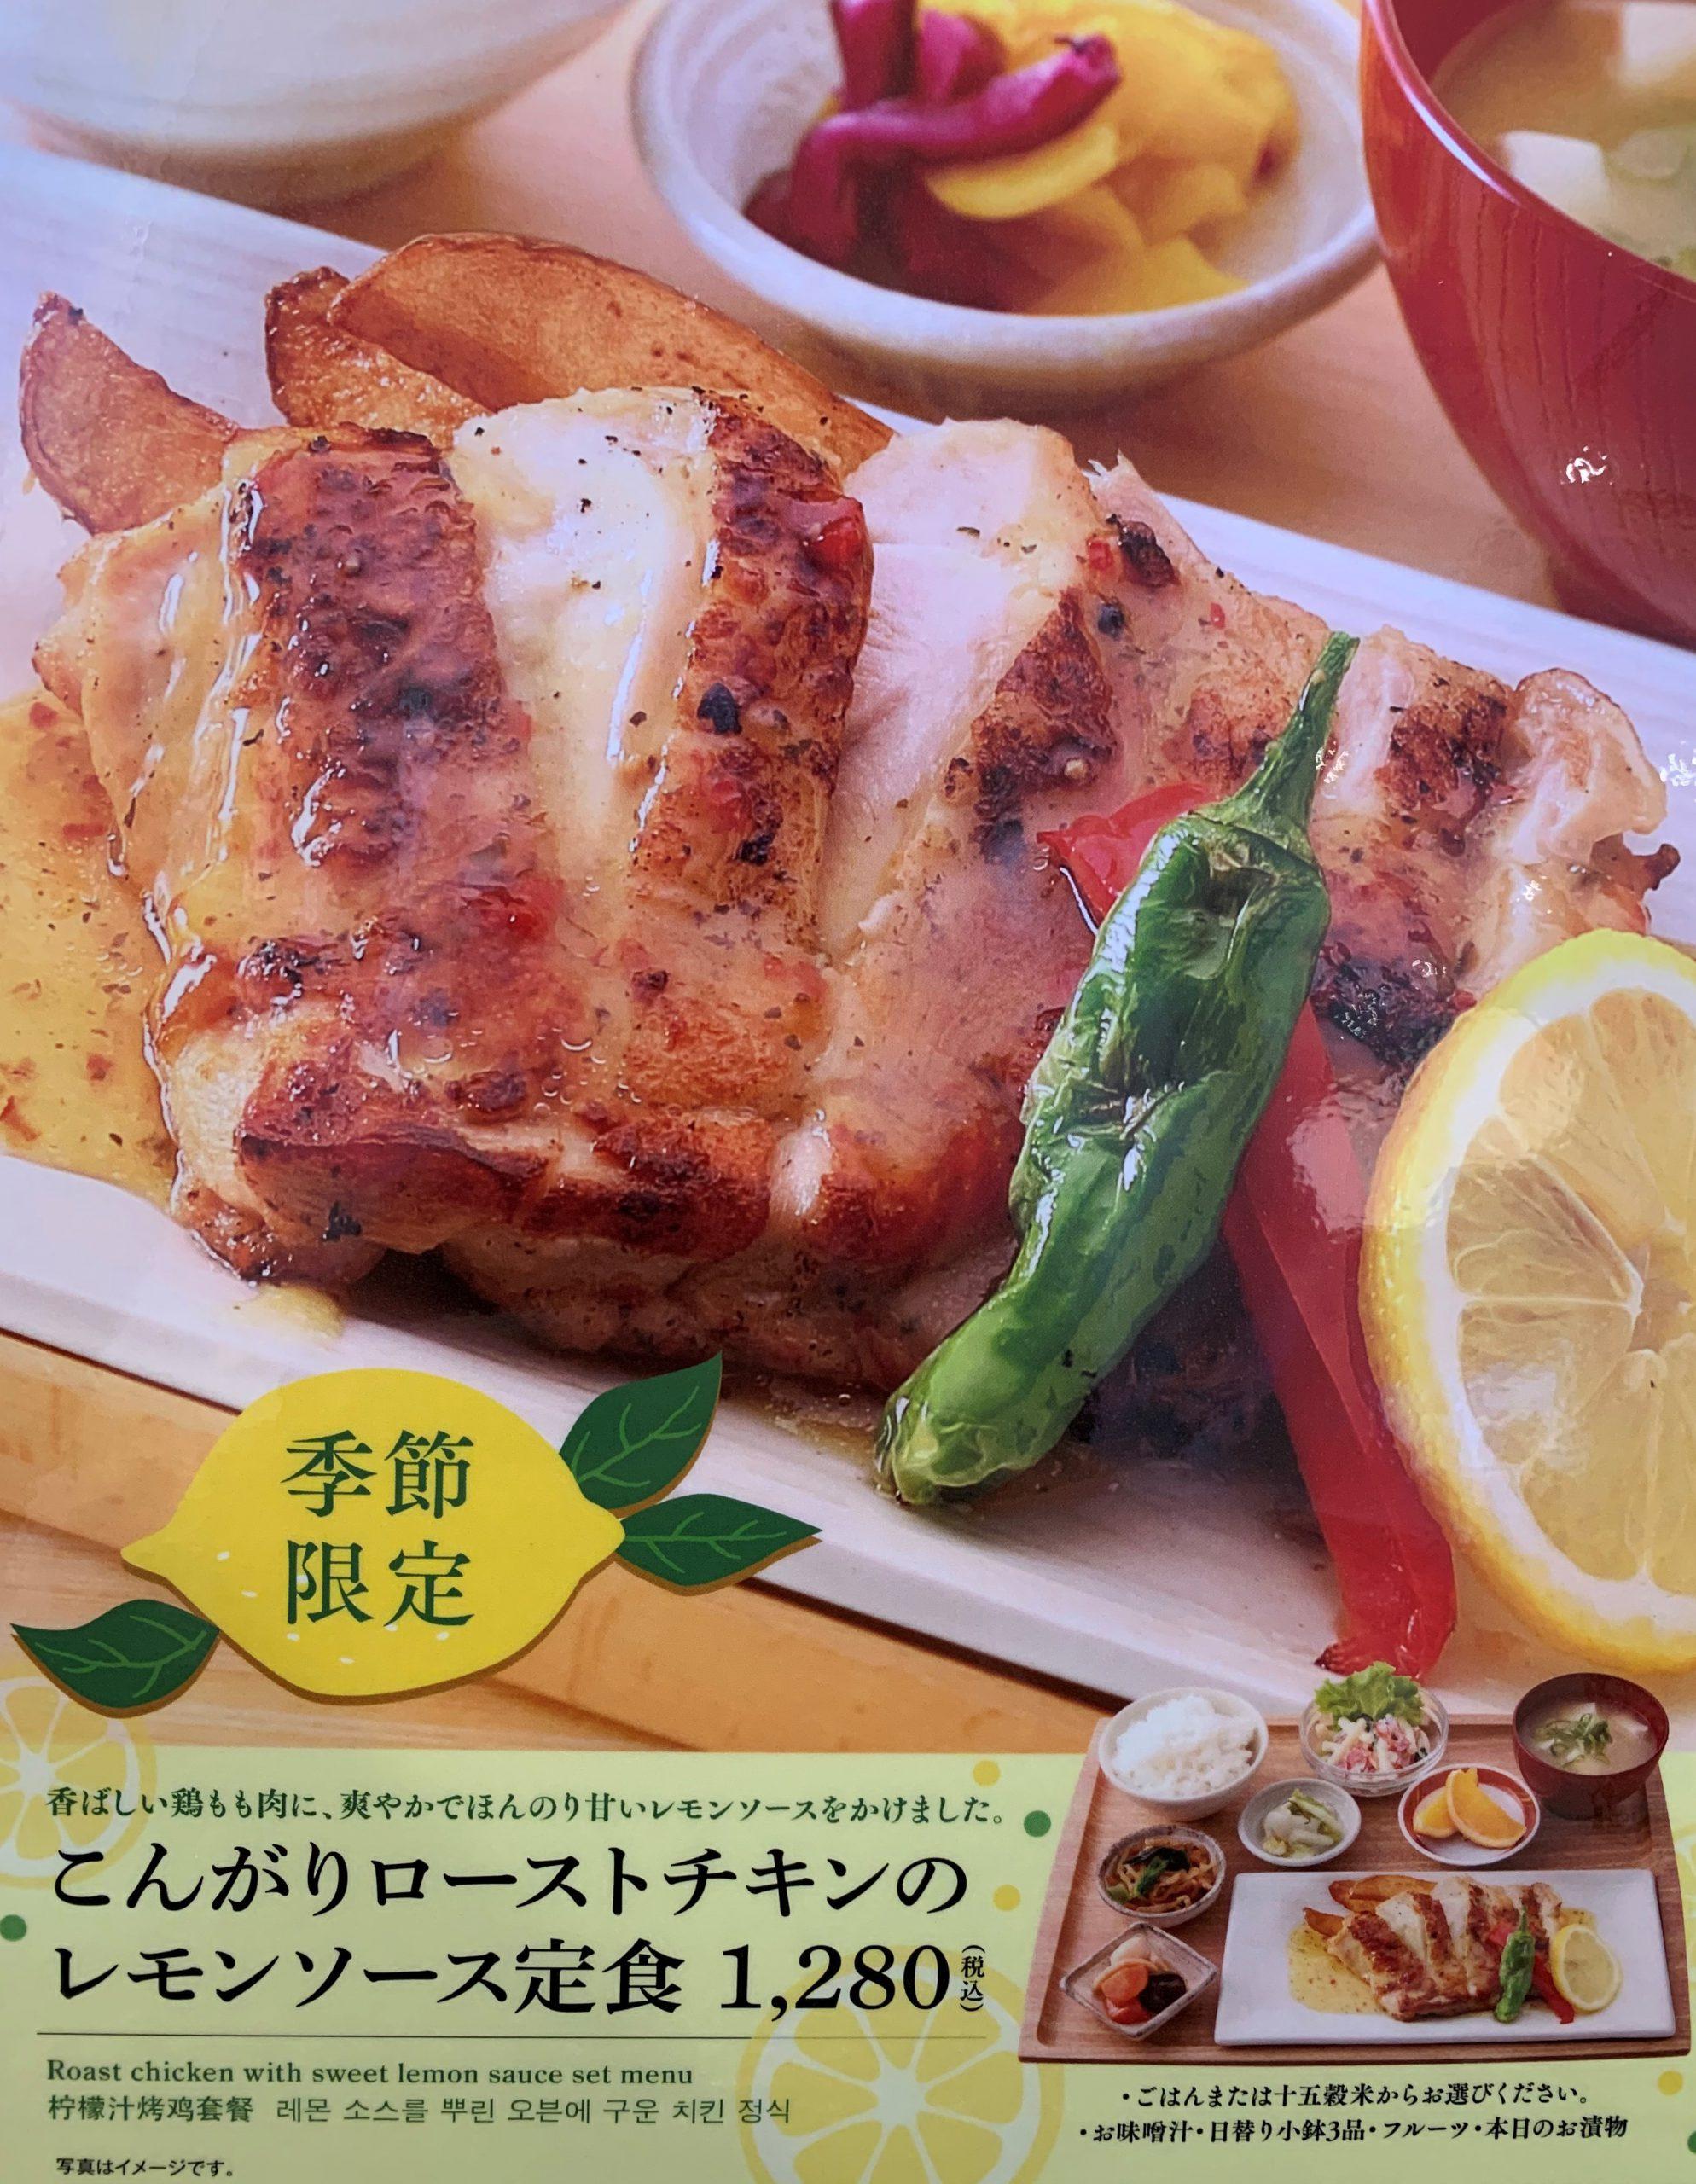 【季節限定メニュー】こんがりローストチキンのレモンソース定食